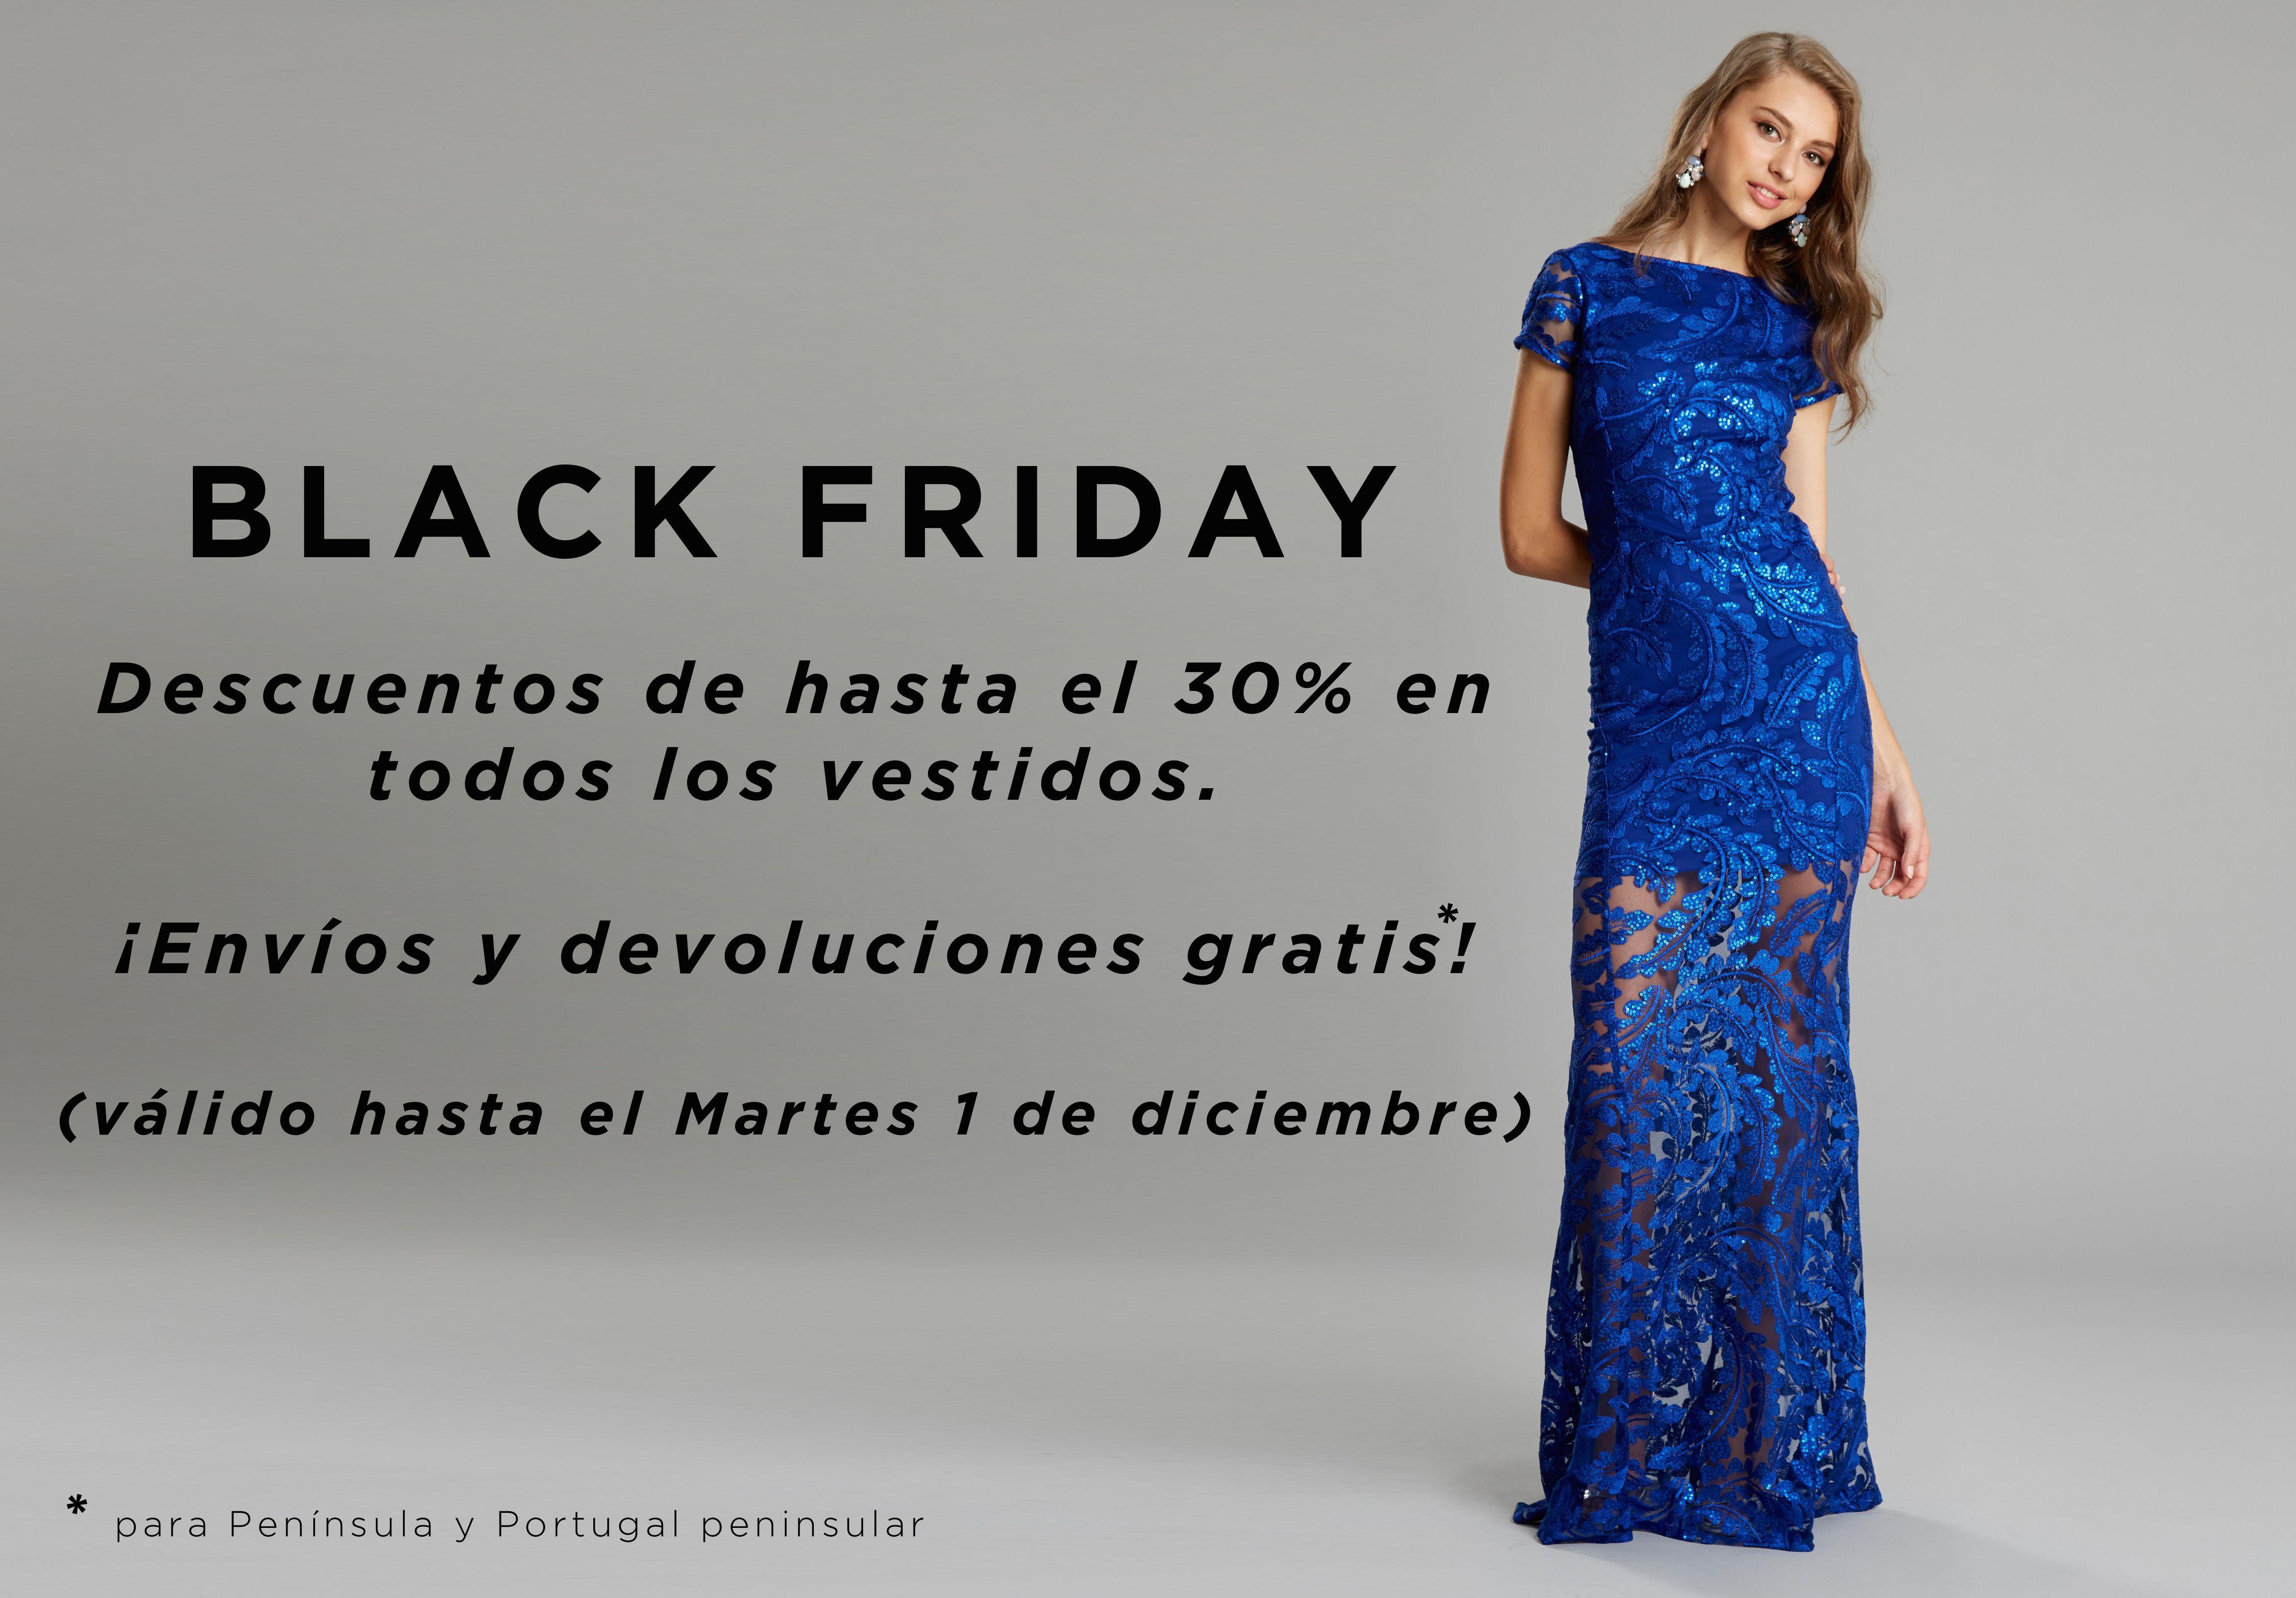 Vestidos De Fiesta Tallas Grandes Bodas Ceremonias Madrinas Y Cocktail Blackfriday Vesti Vestidos De Fiesta Vestidos De Fiesta Online Tienda De Vestidos